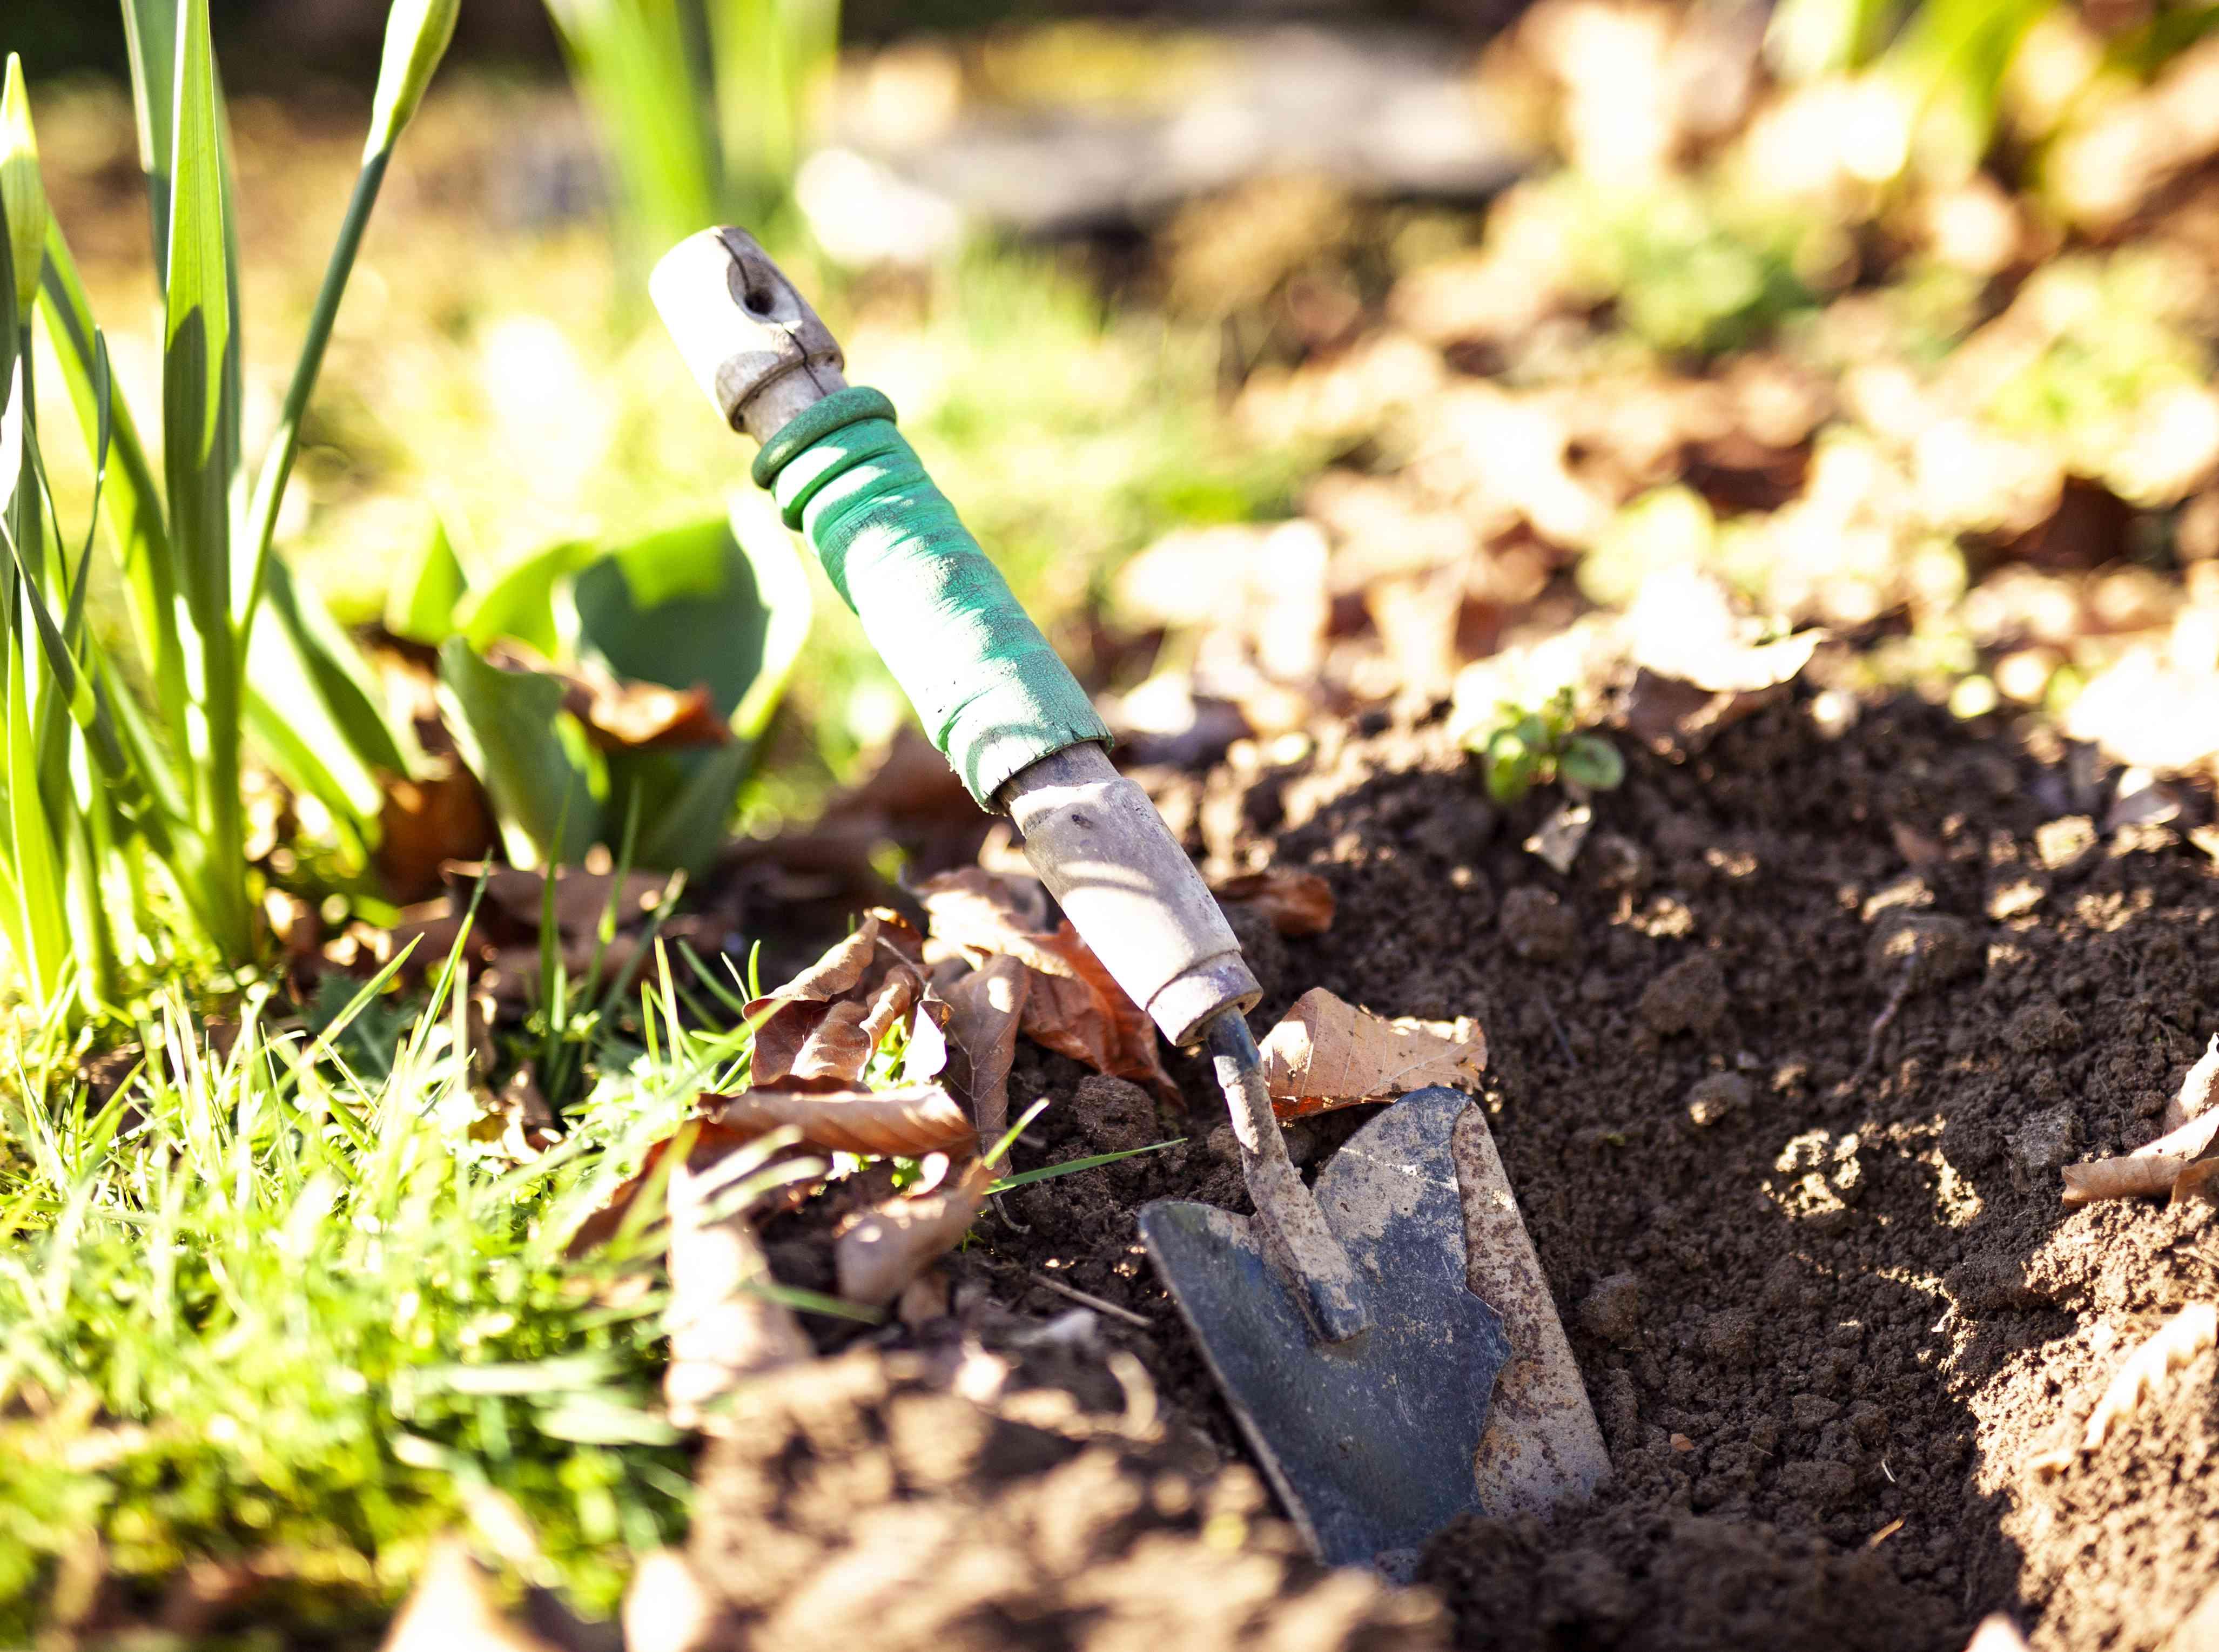 A Small Spade in Soil in a Garden